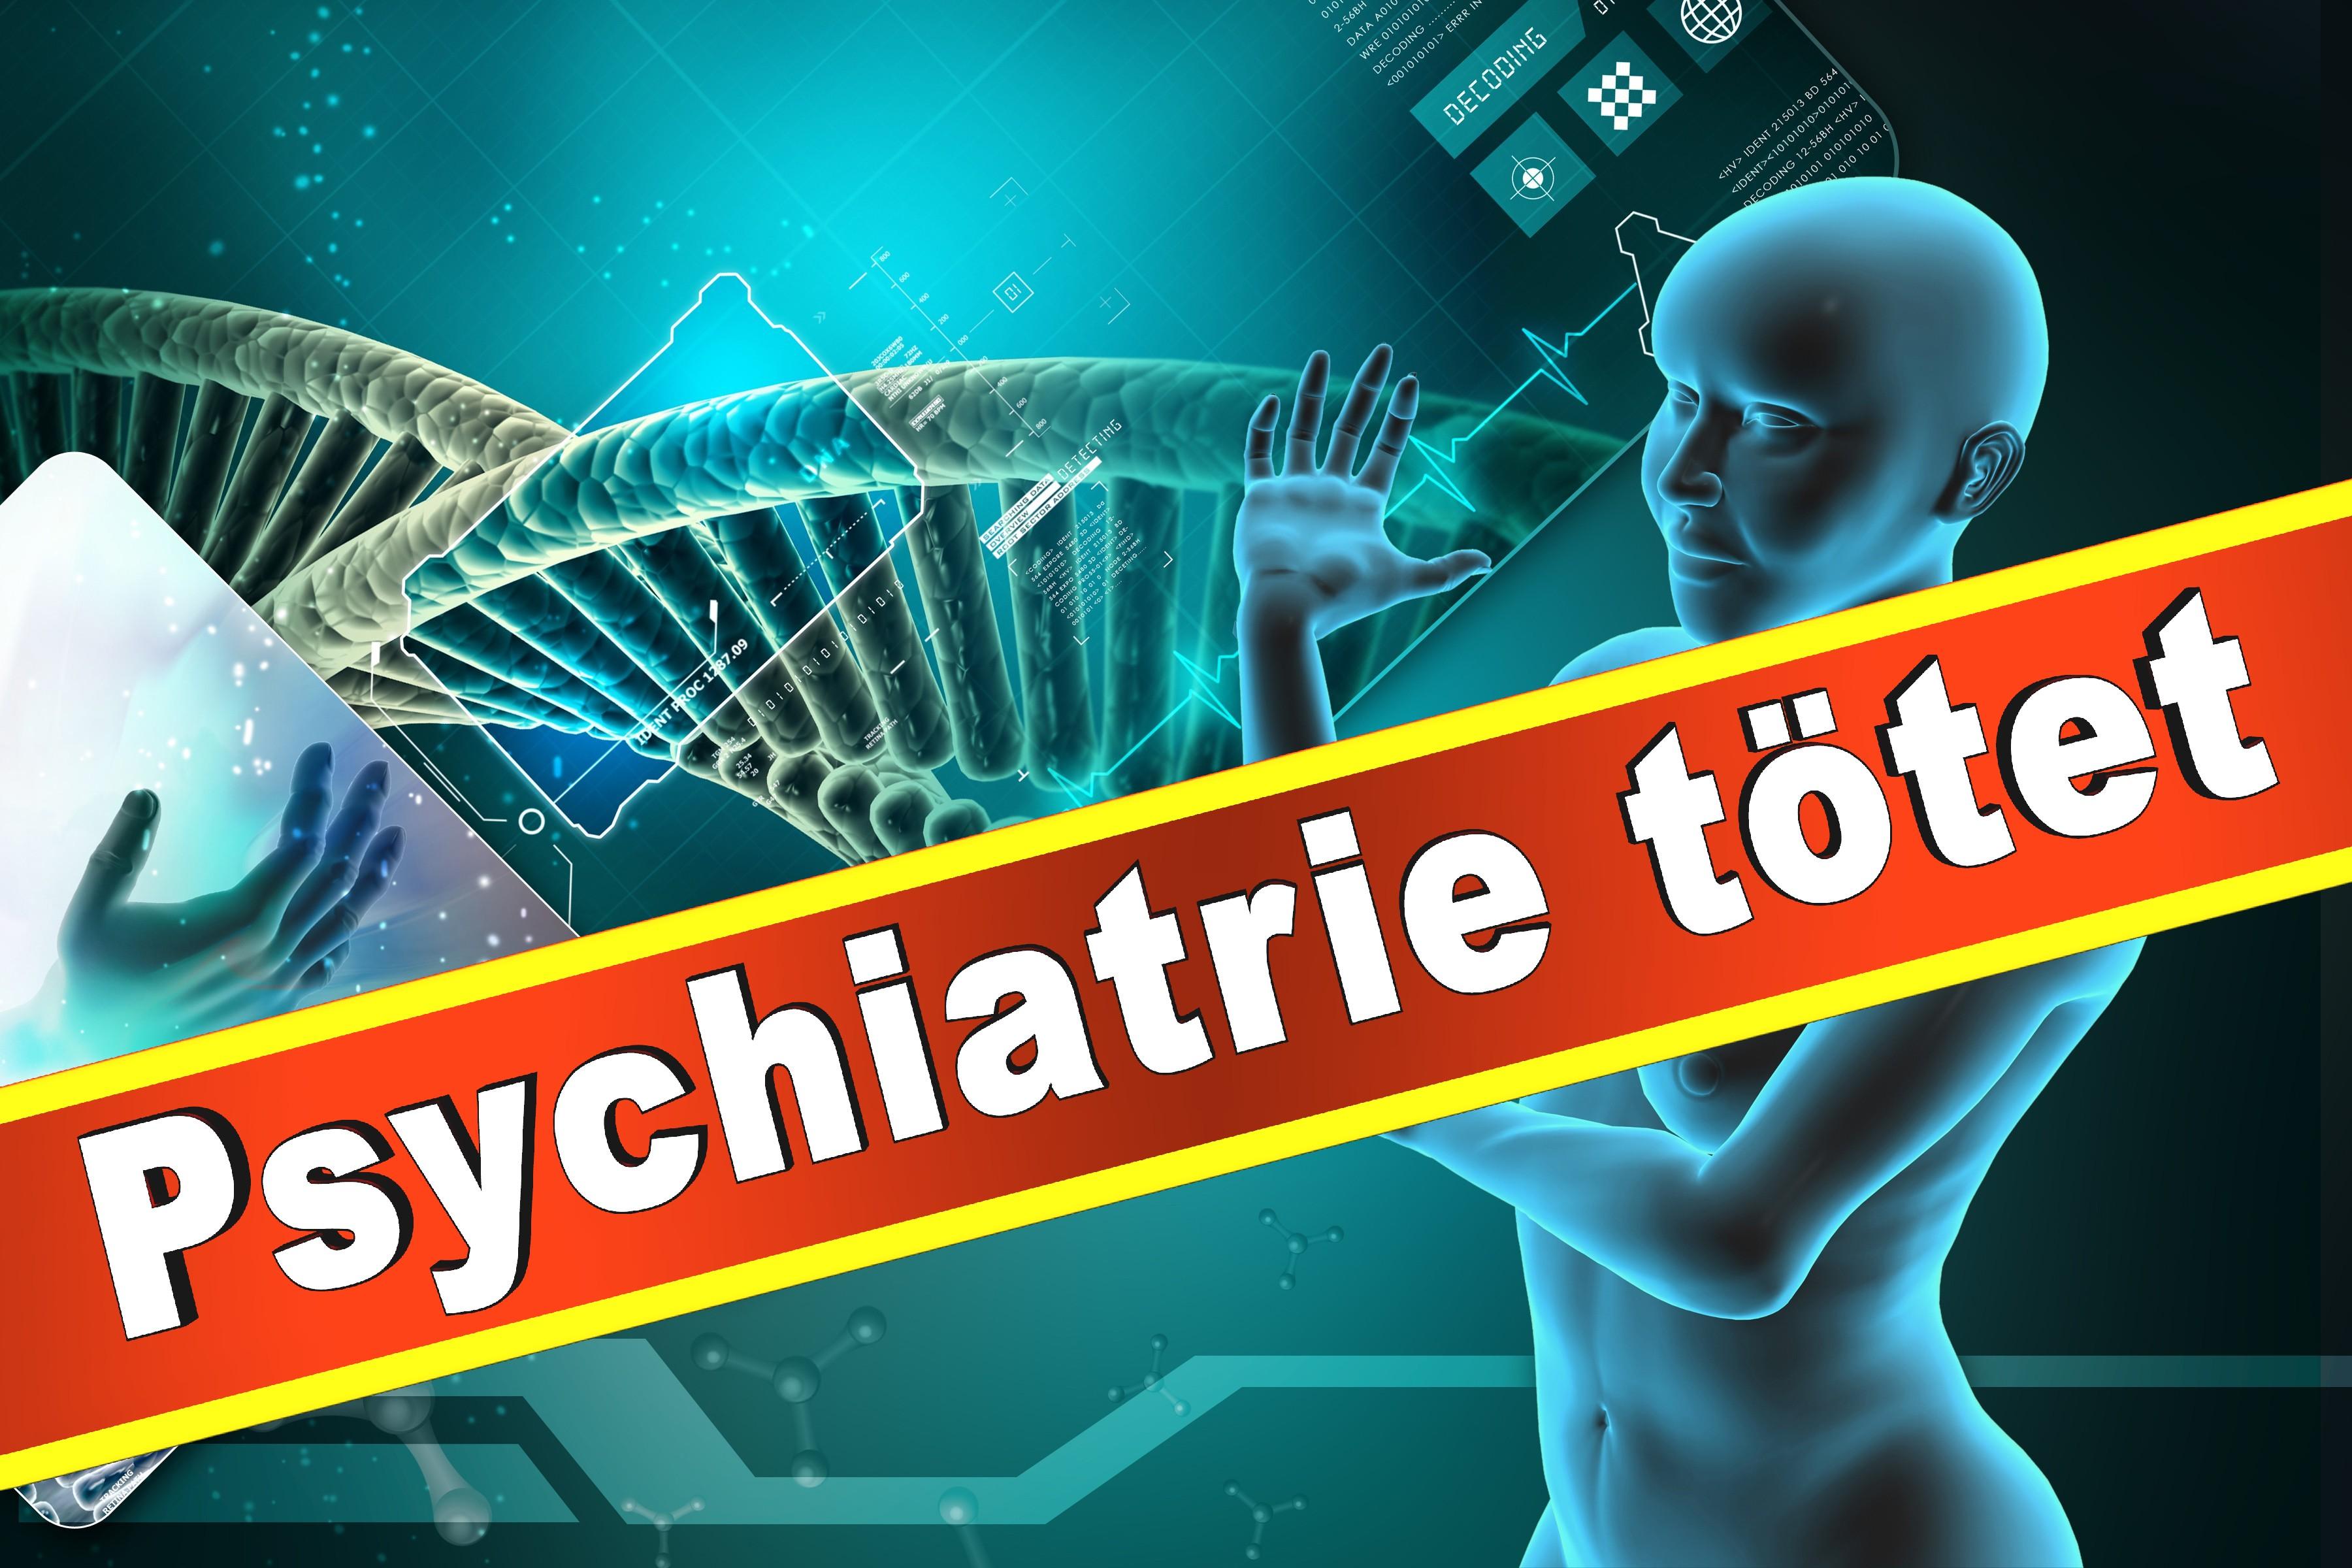 Wielant Machleidt Psychiater Psychotherapeut Professor Praxis Der Interkulturellen Psychiatrie Und Psychotherapie (3)